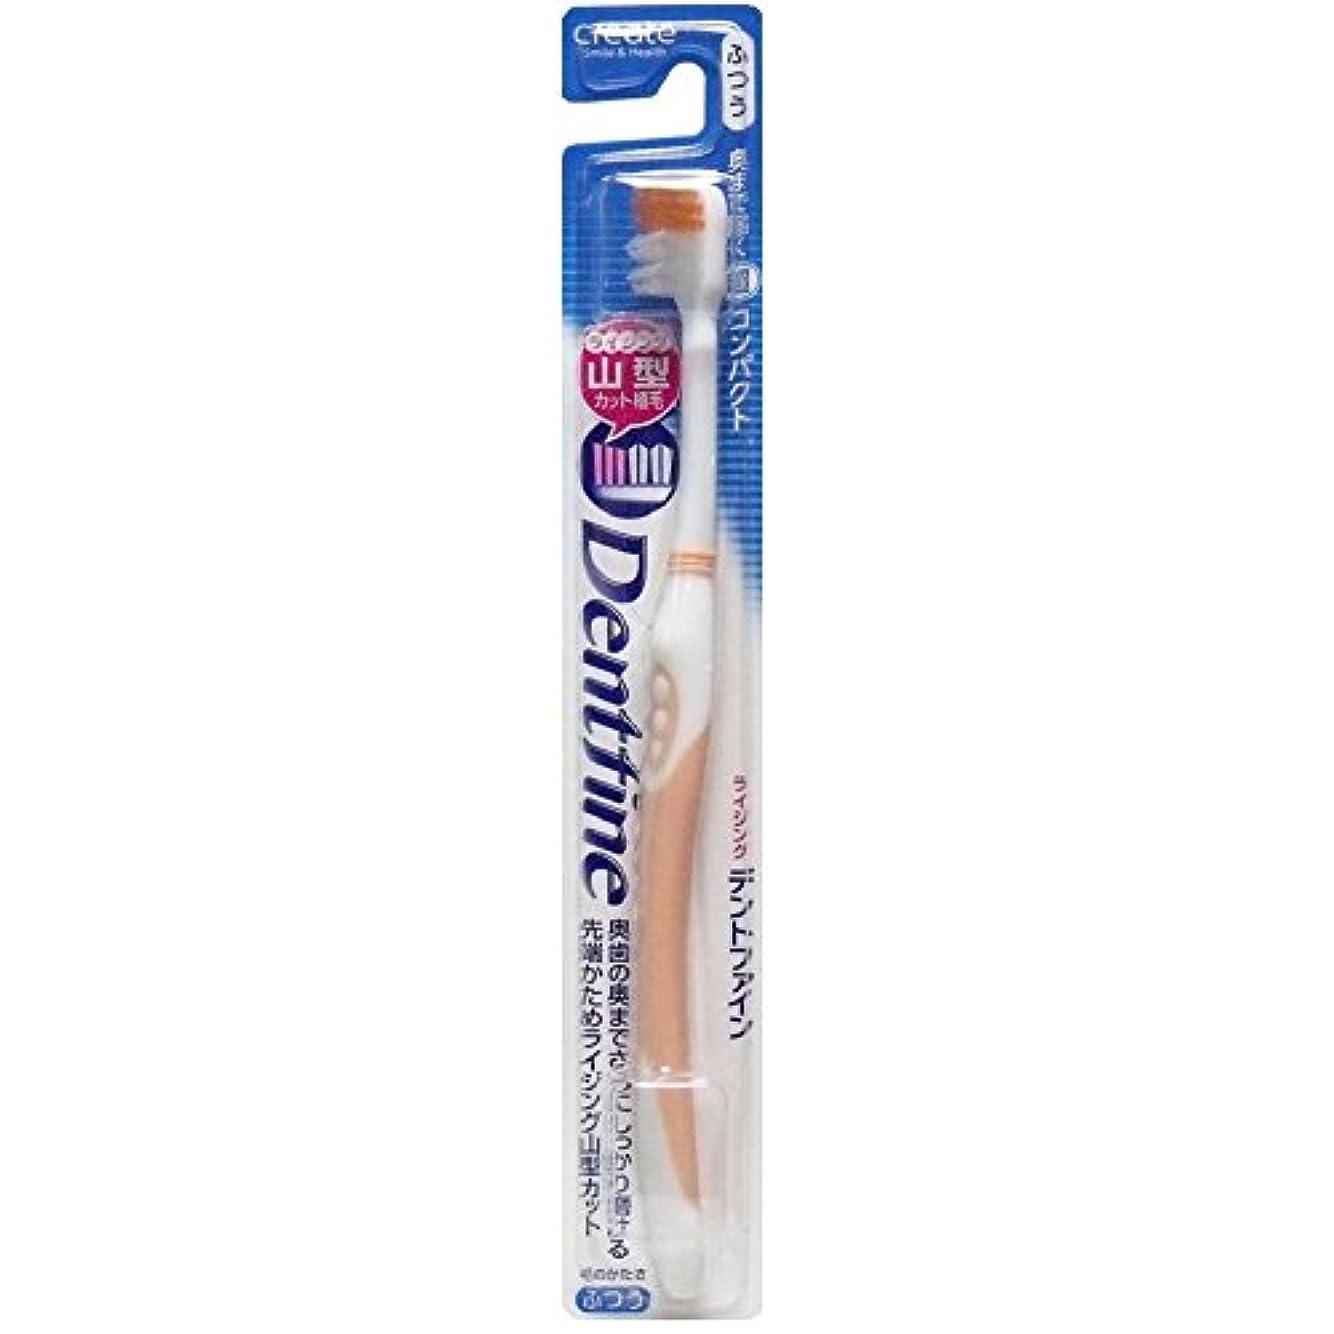 具体的にノート選挙デントファイン ピュアスタイル 山切りカット 歯ブラシ ふつう 1本:オレンジ